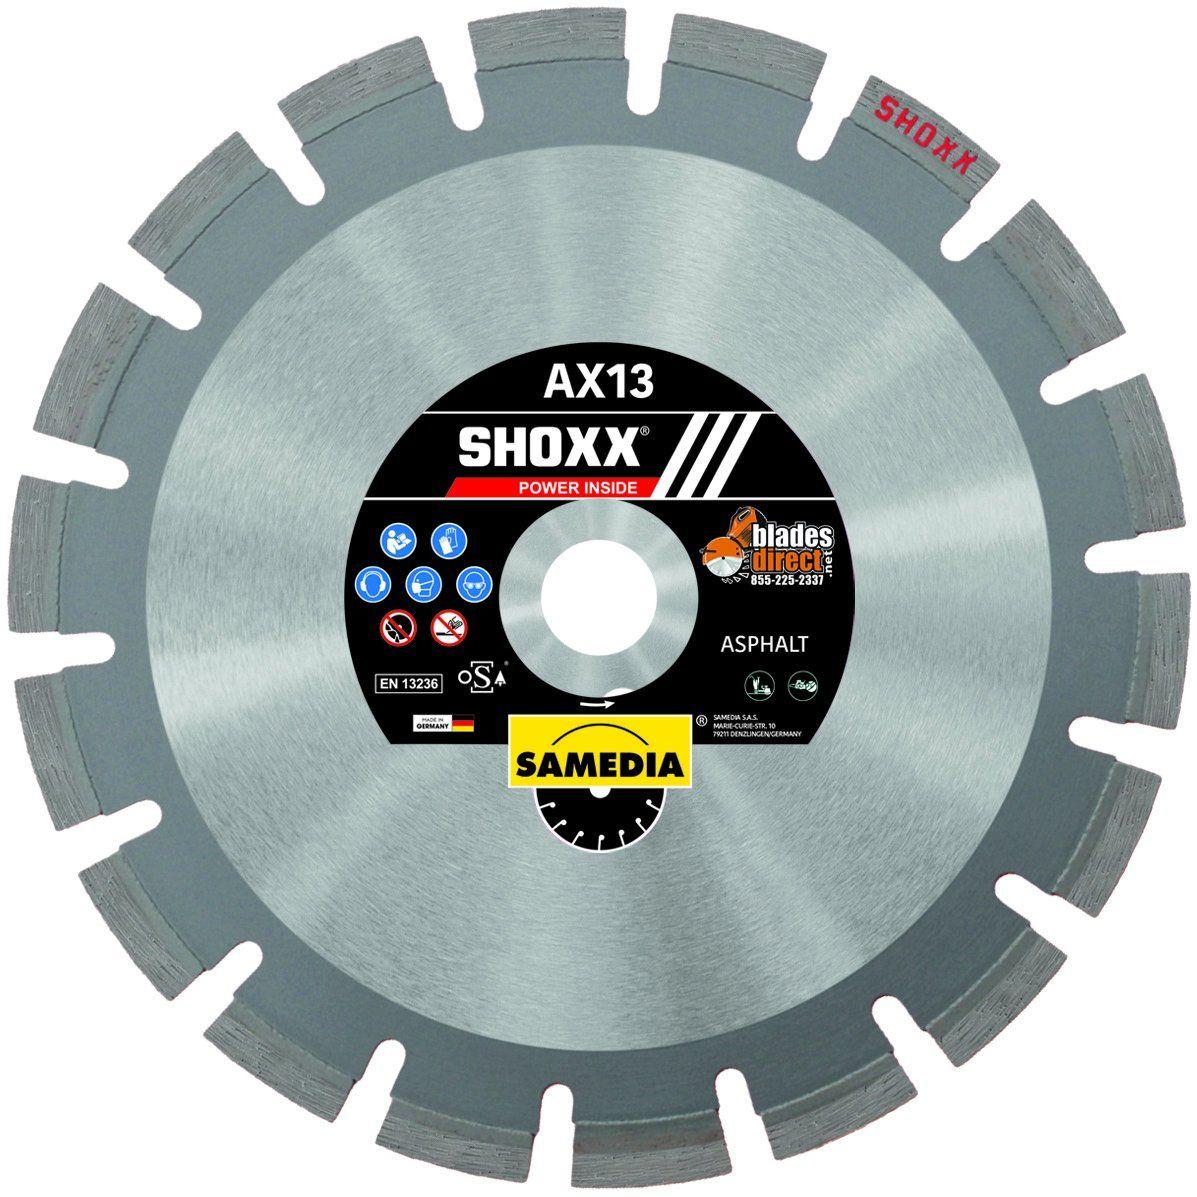 Samedia SHOXX AX13 Diamond Blade